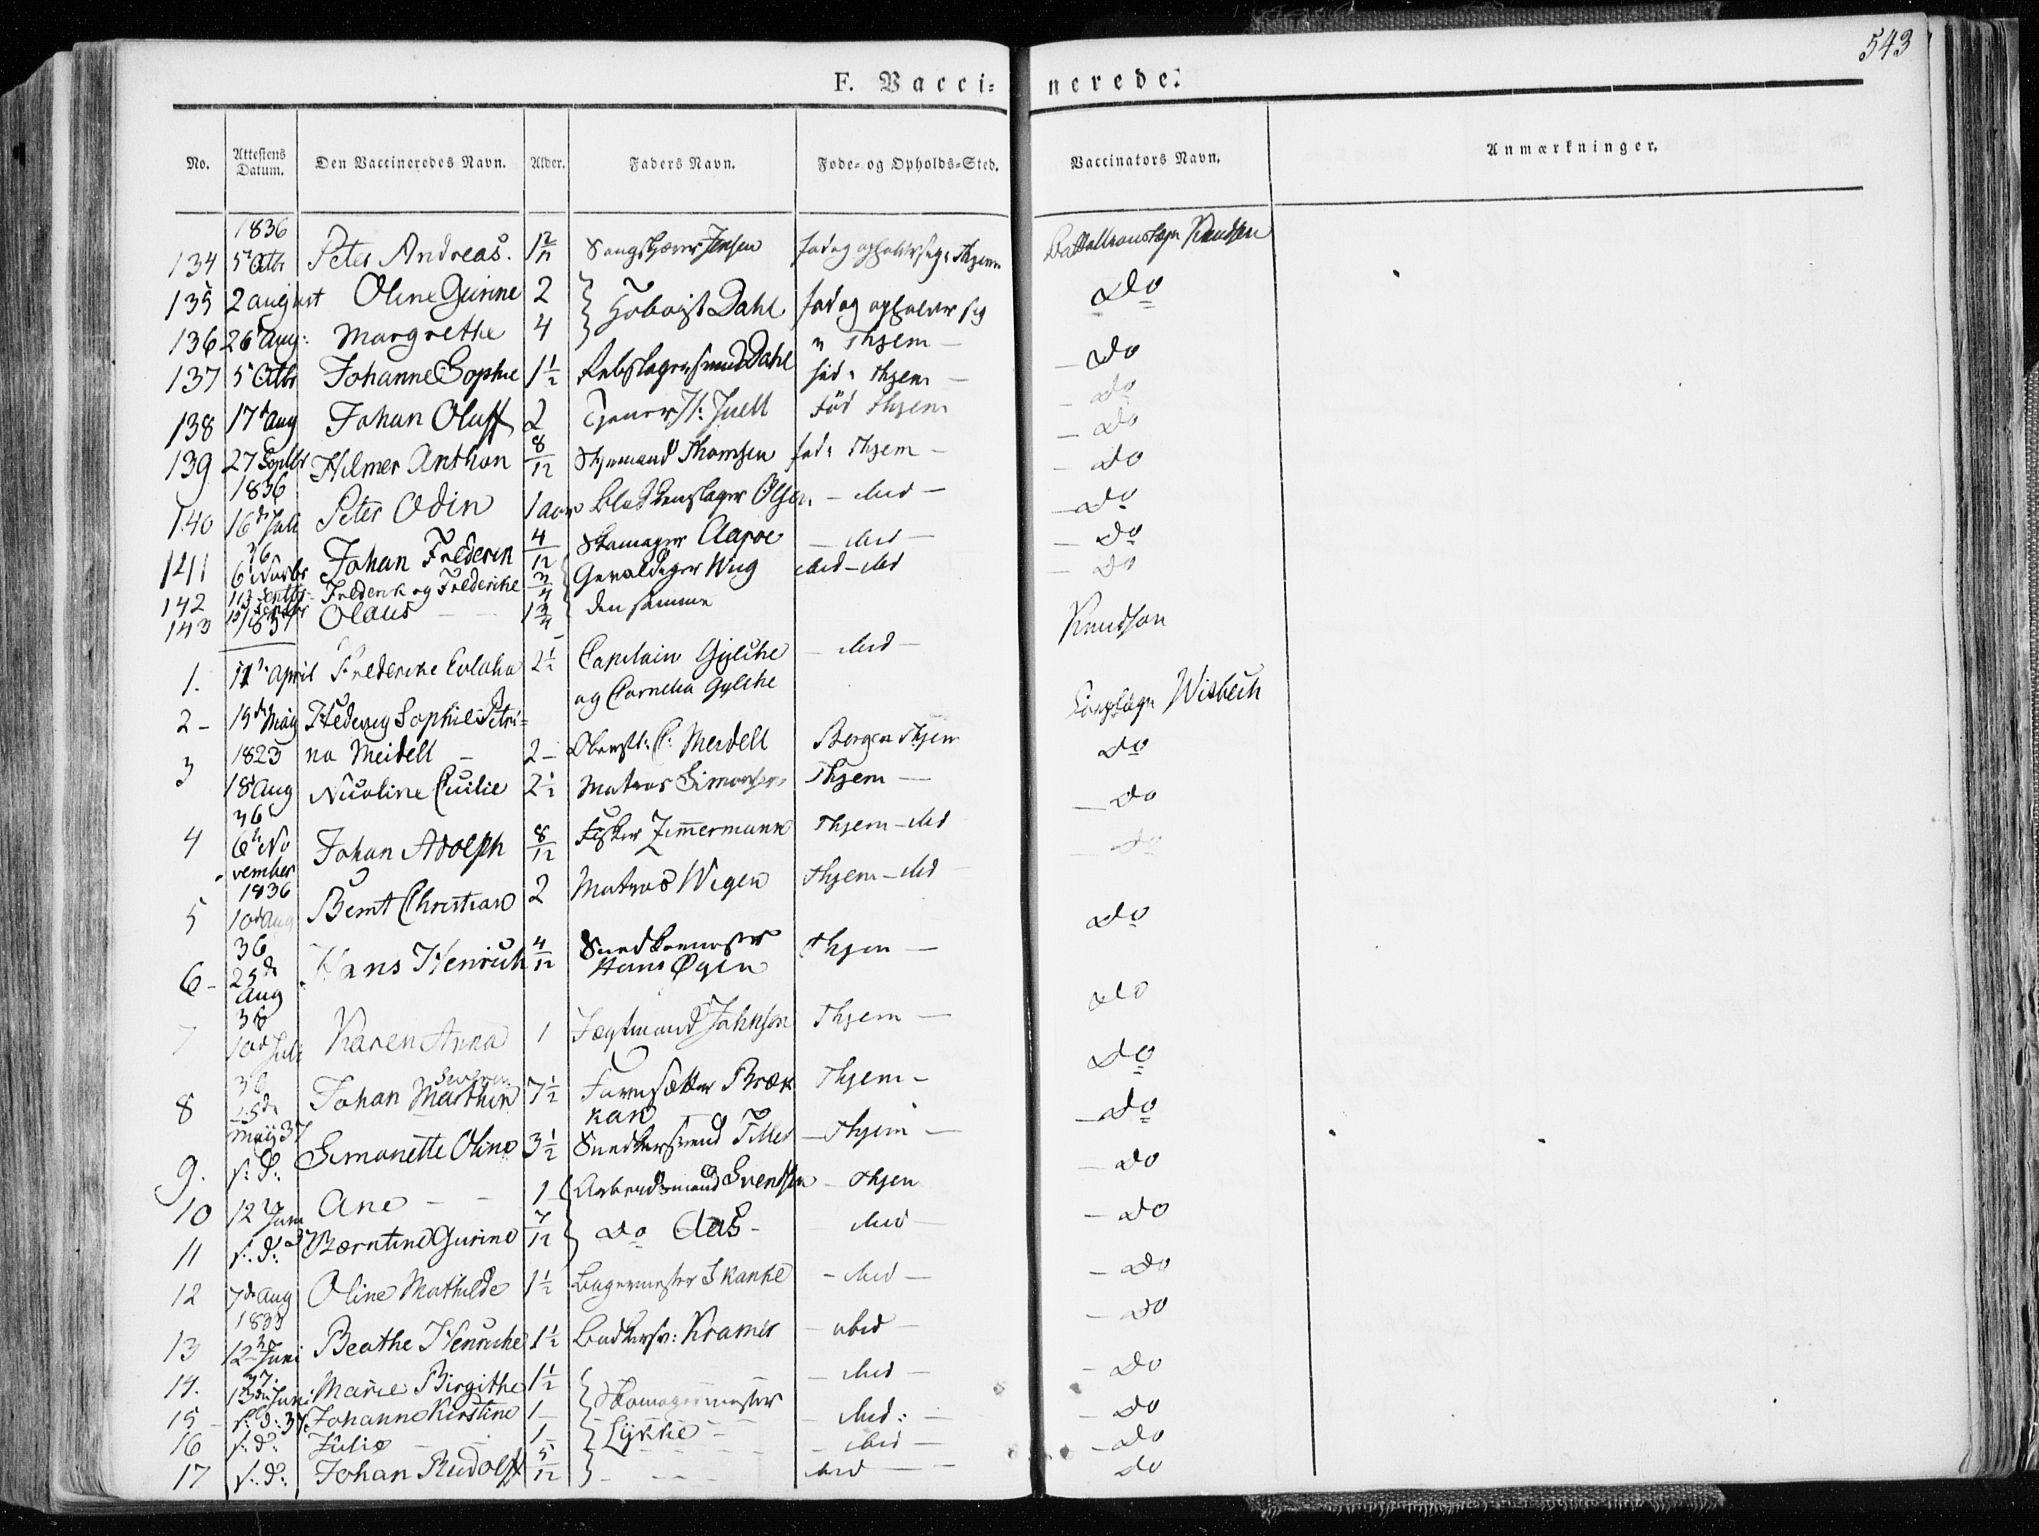 SAT, Ministerialprotokoller, klokkerbøker og fødselsregistre - Sør-Trøndelag, 601/L0047: Ministerialbok nr. 601A15, 1831-1839, s. 543